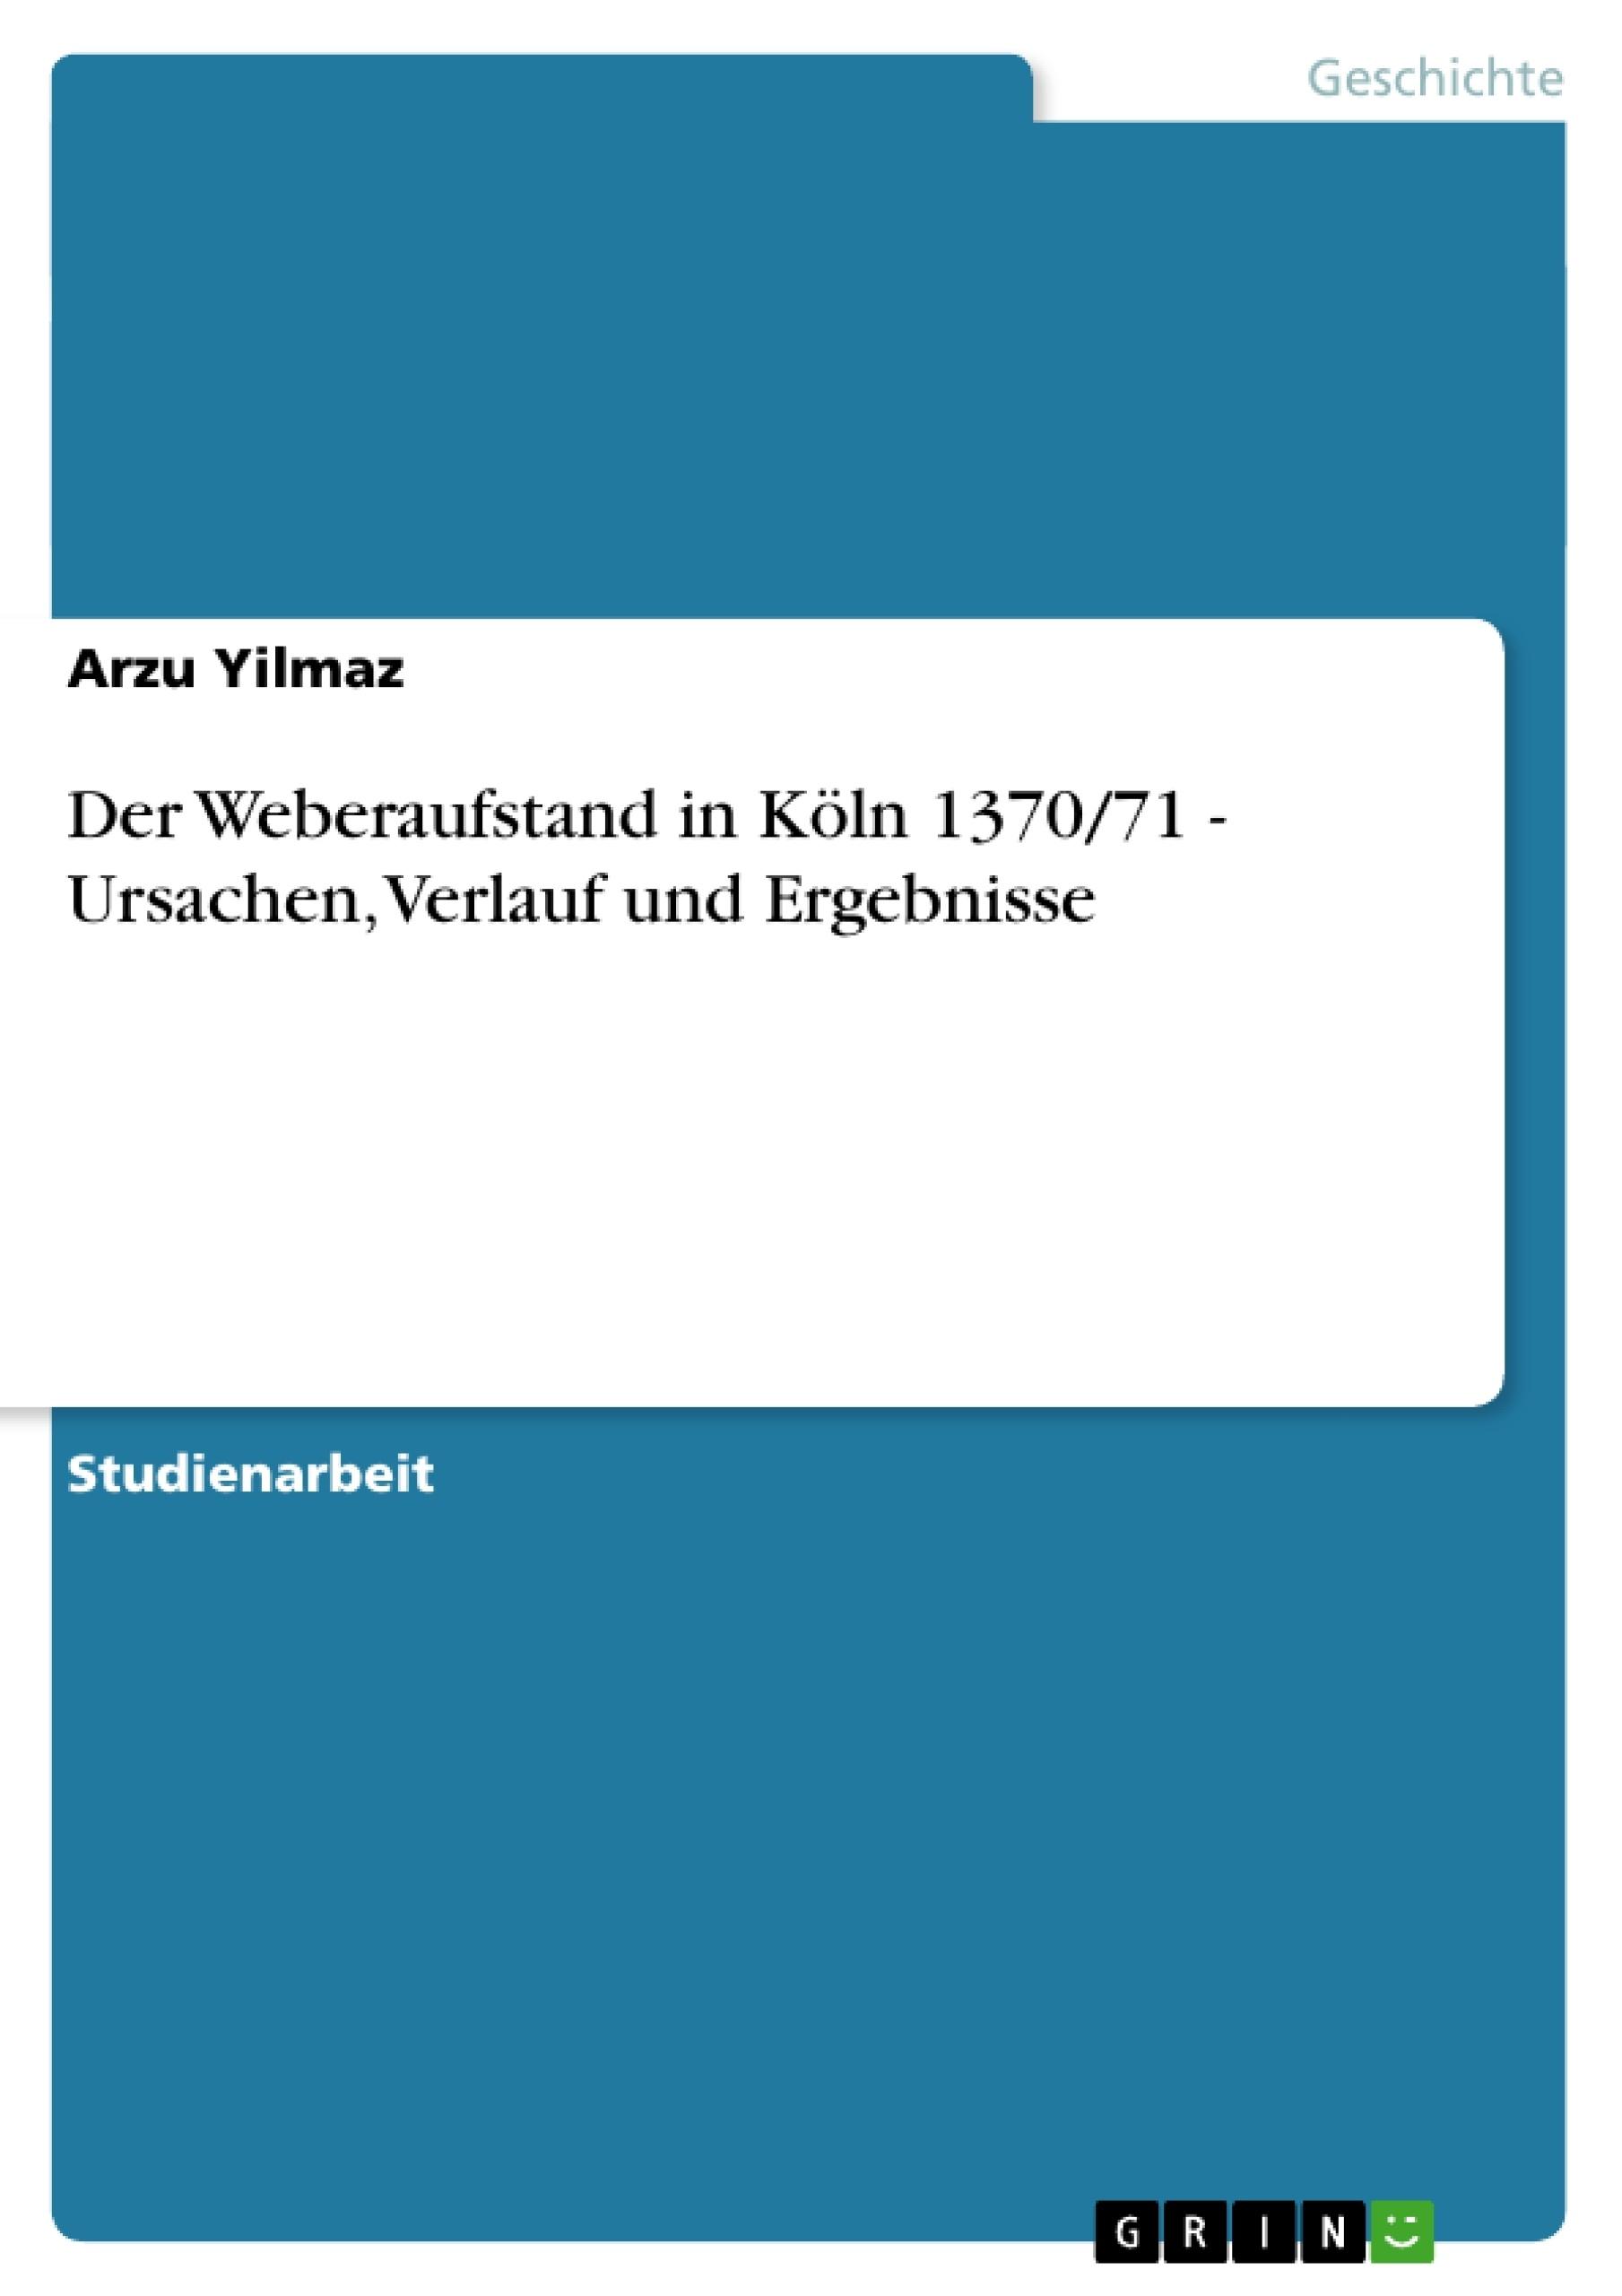 Titel: Der Weberaufstand in Köln 1370/71 - Ursachen, Verlauf und Ergebnisse